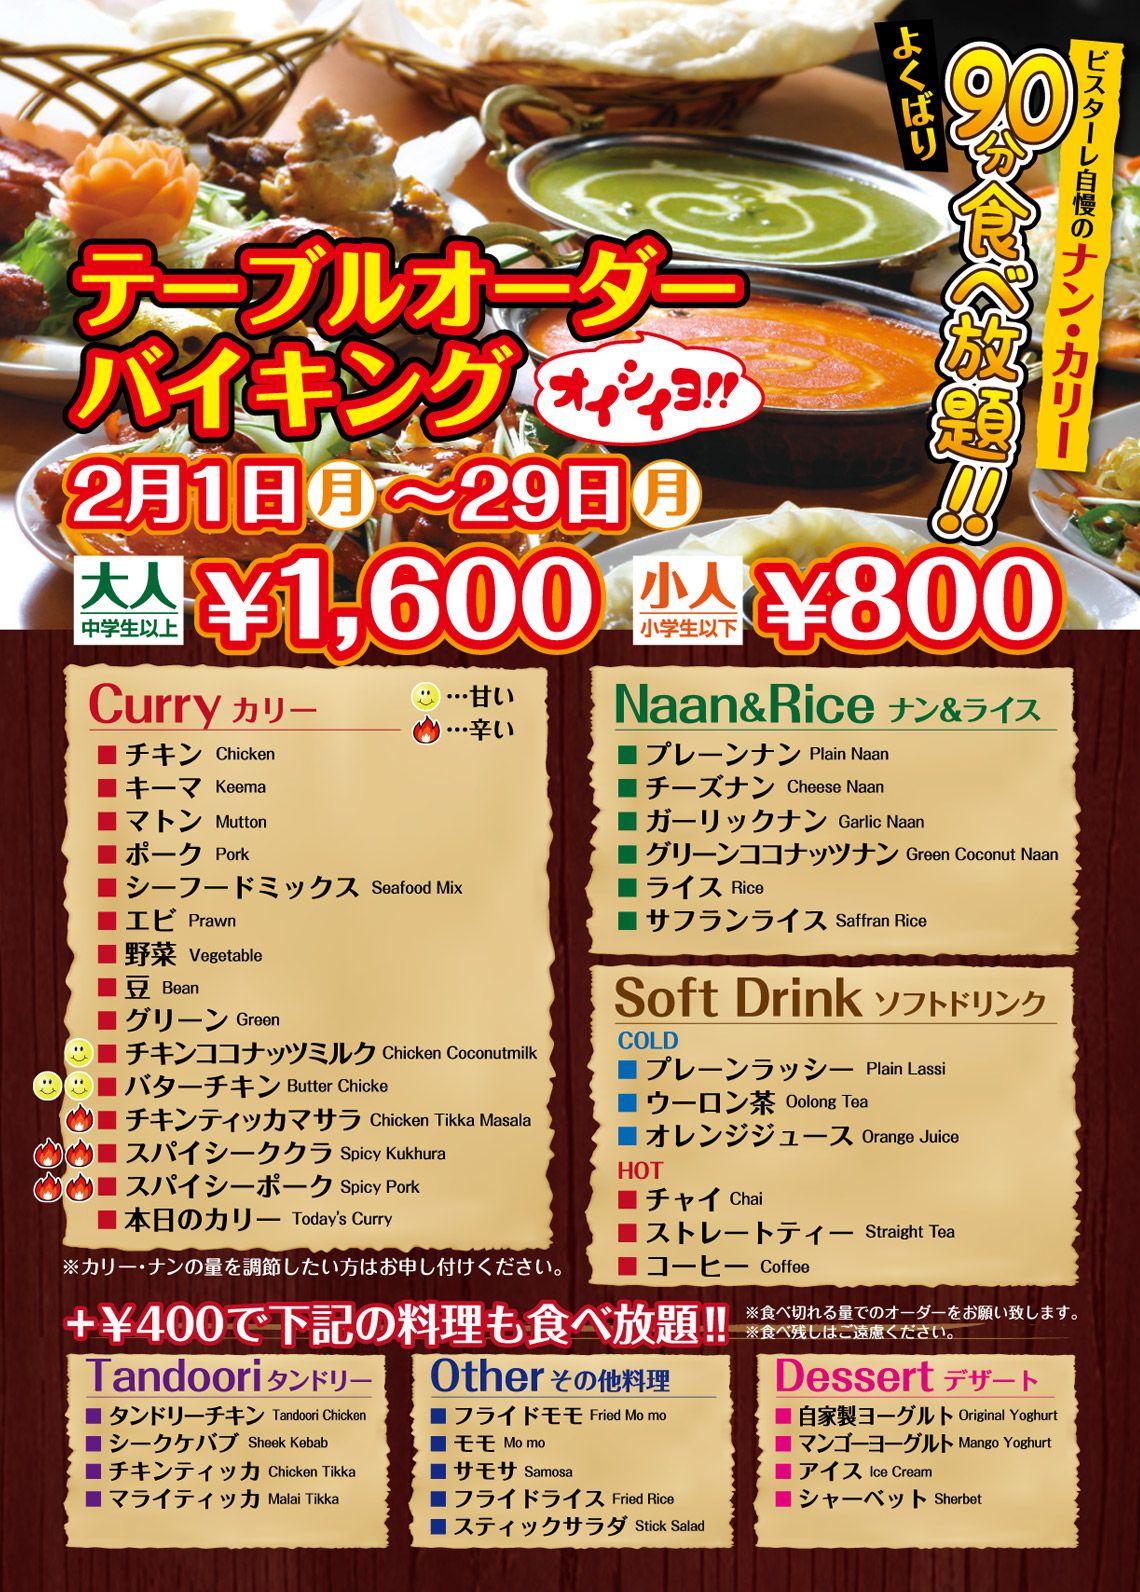 テーブルオーダーバイキング 2月1日(月)〜29日(月) 90分食べ放題!